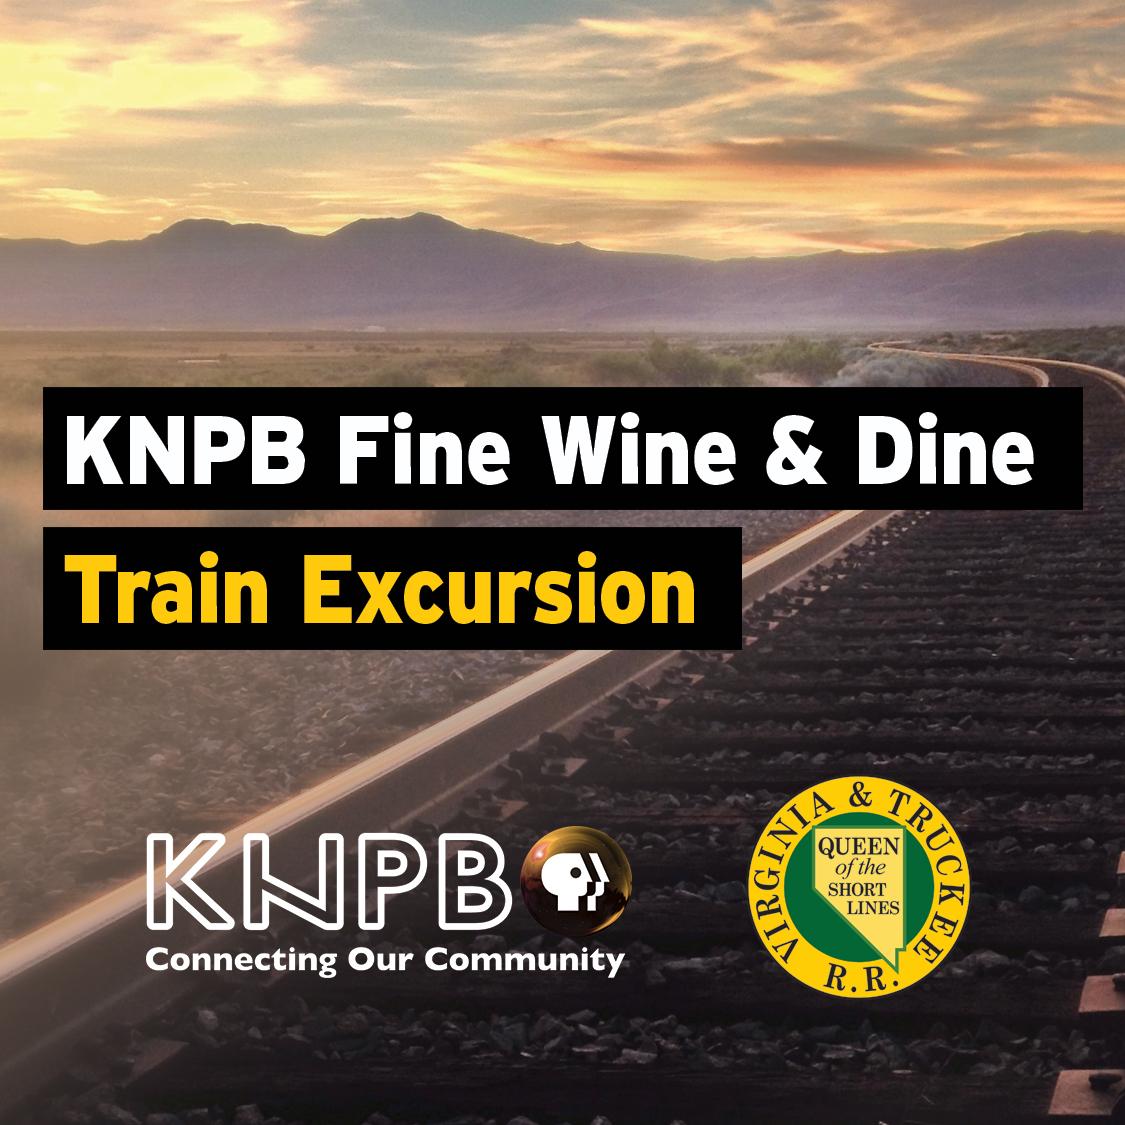 KNPB Fine Wine & Dine Train Excursion